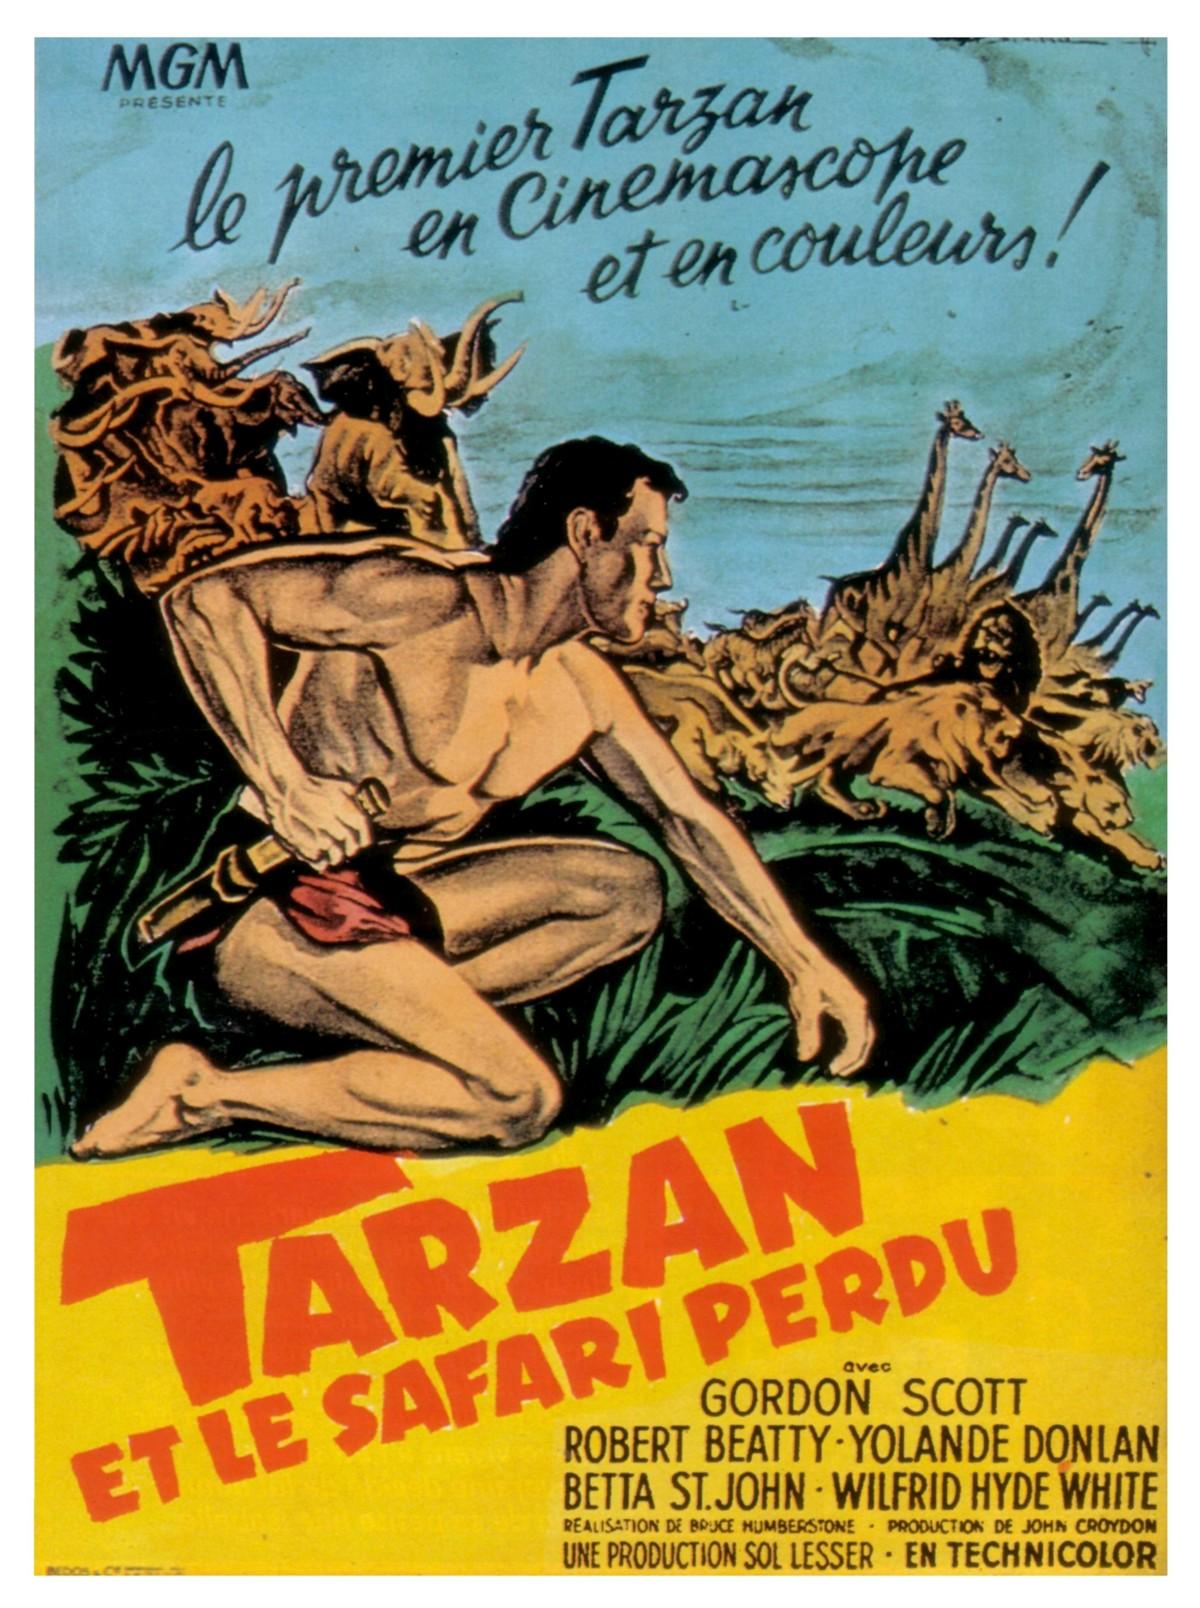 affiche du film Tarzan et le safari perdu